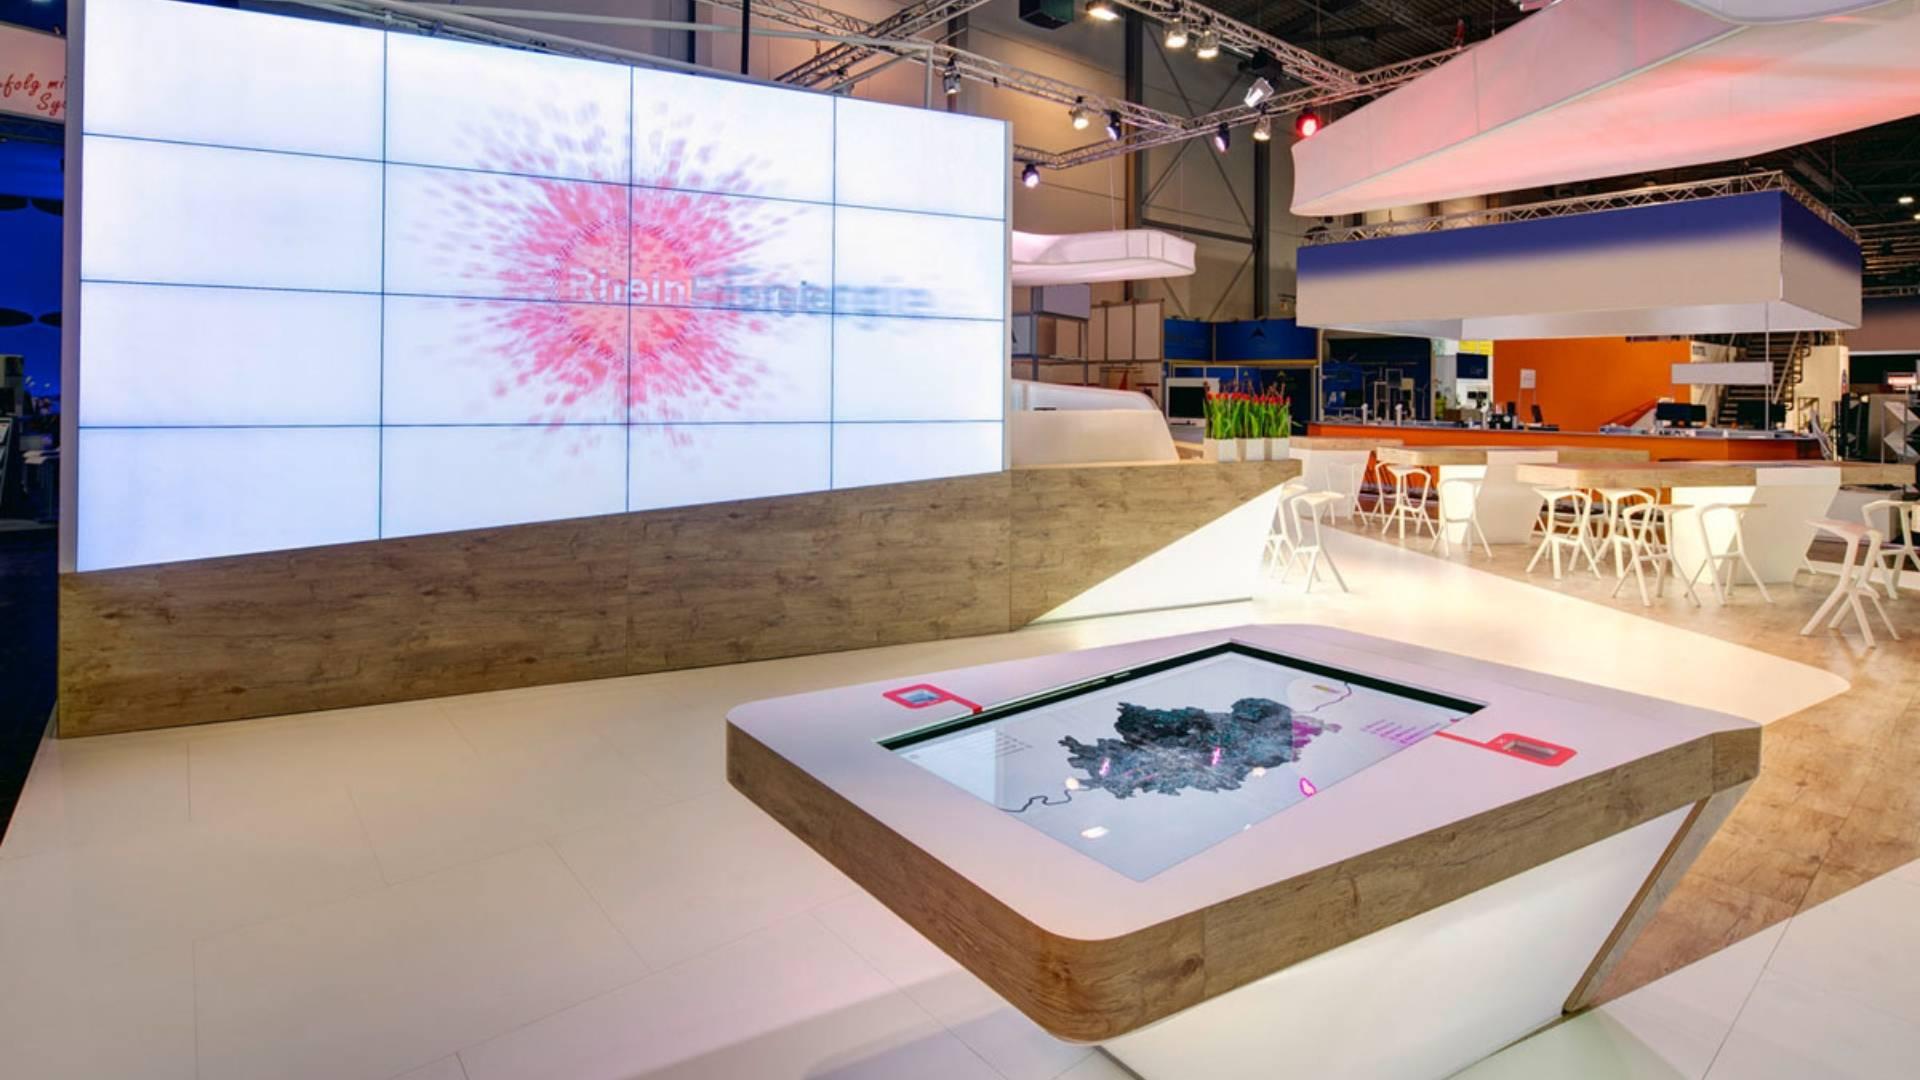 Rhein Energie - E-world - Multitouch - Objekterkennung - Videowall - Interaktiver Tisch - Touchanwendung - realtime visions